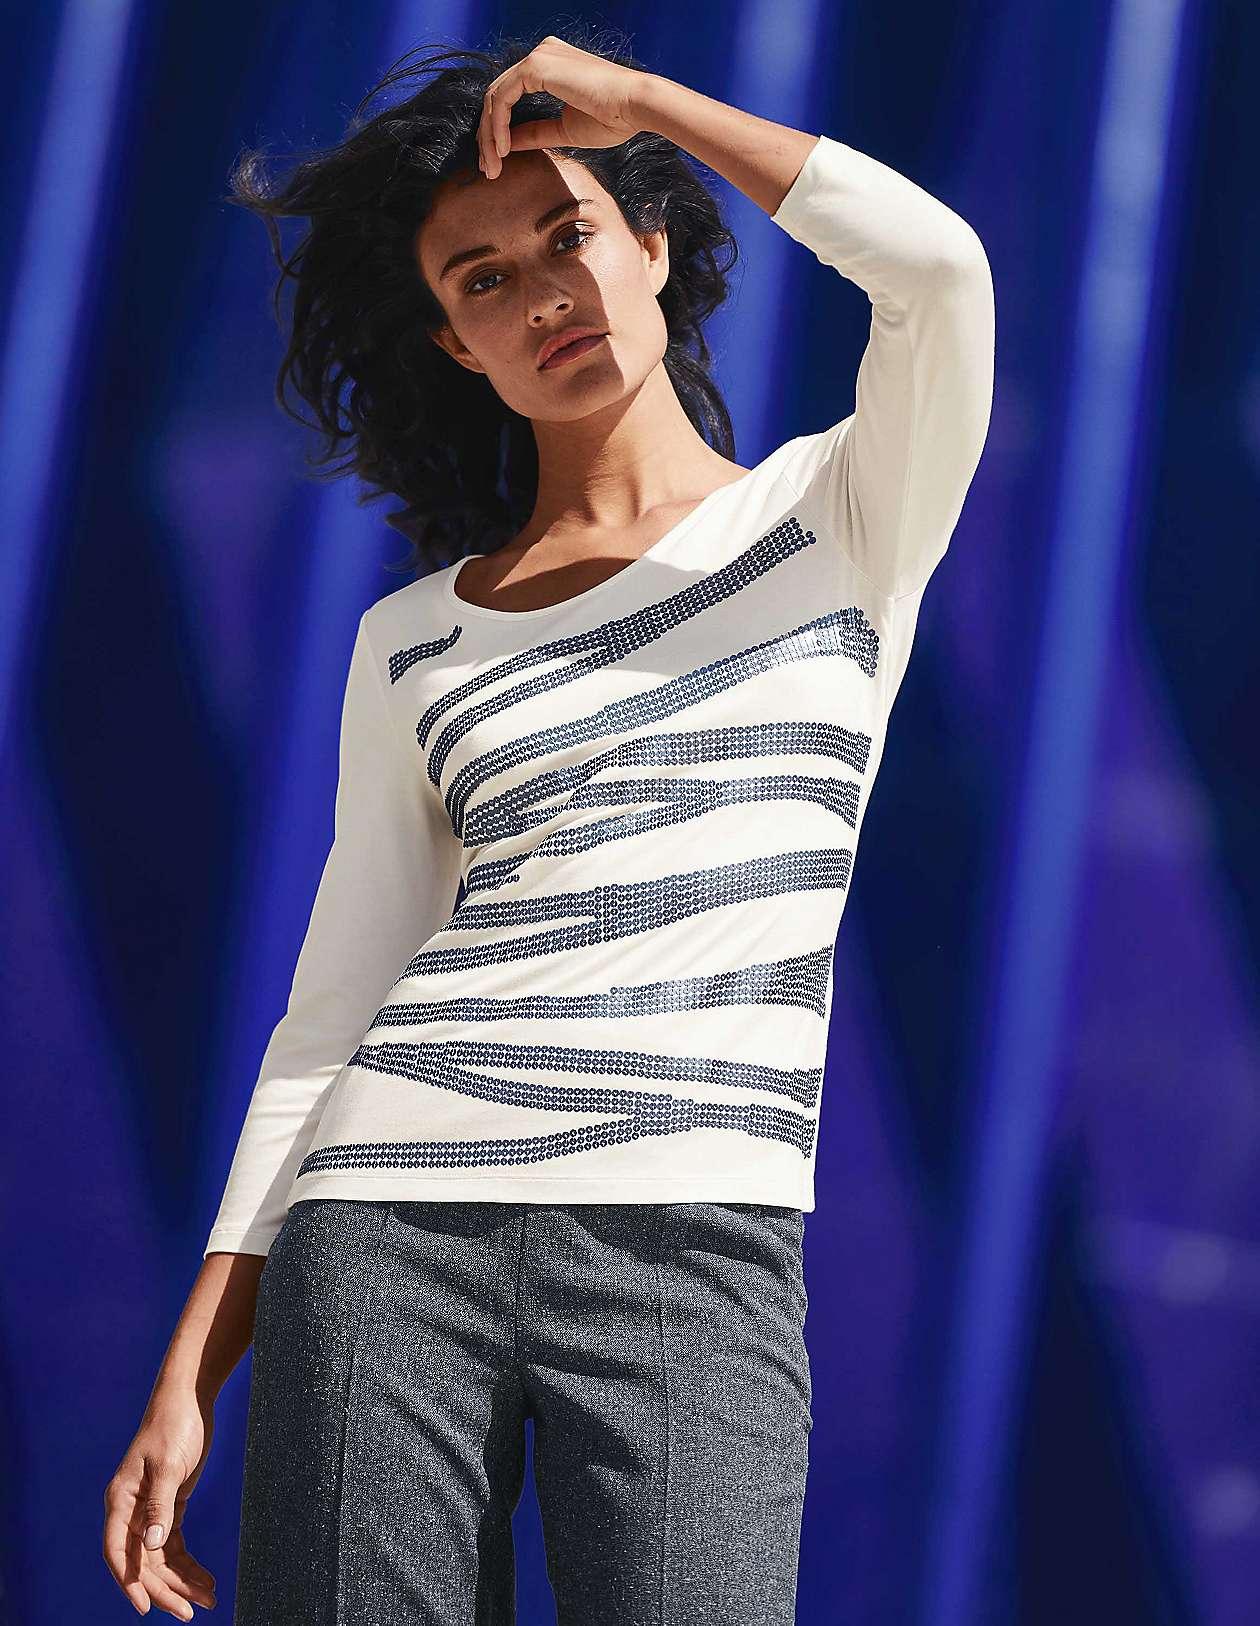 c309216c8c1a47 Damen-Shirts und Tops- exklusiv, edel, extravagant, elegant ...